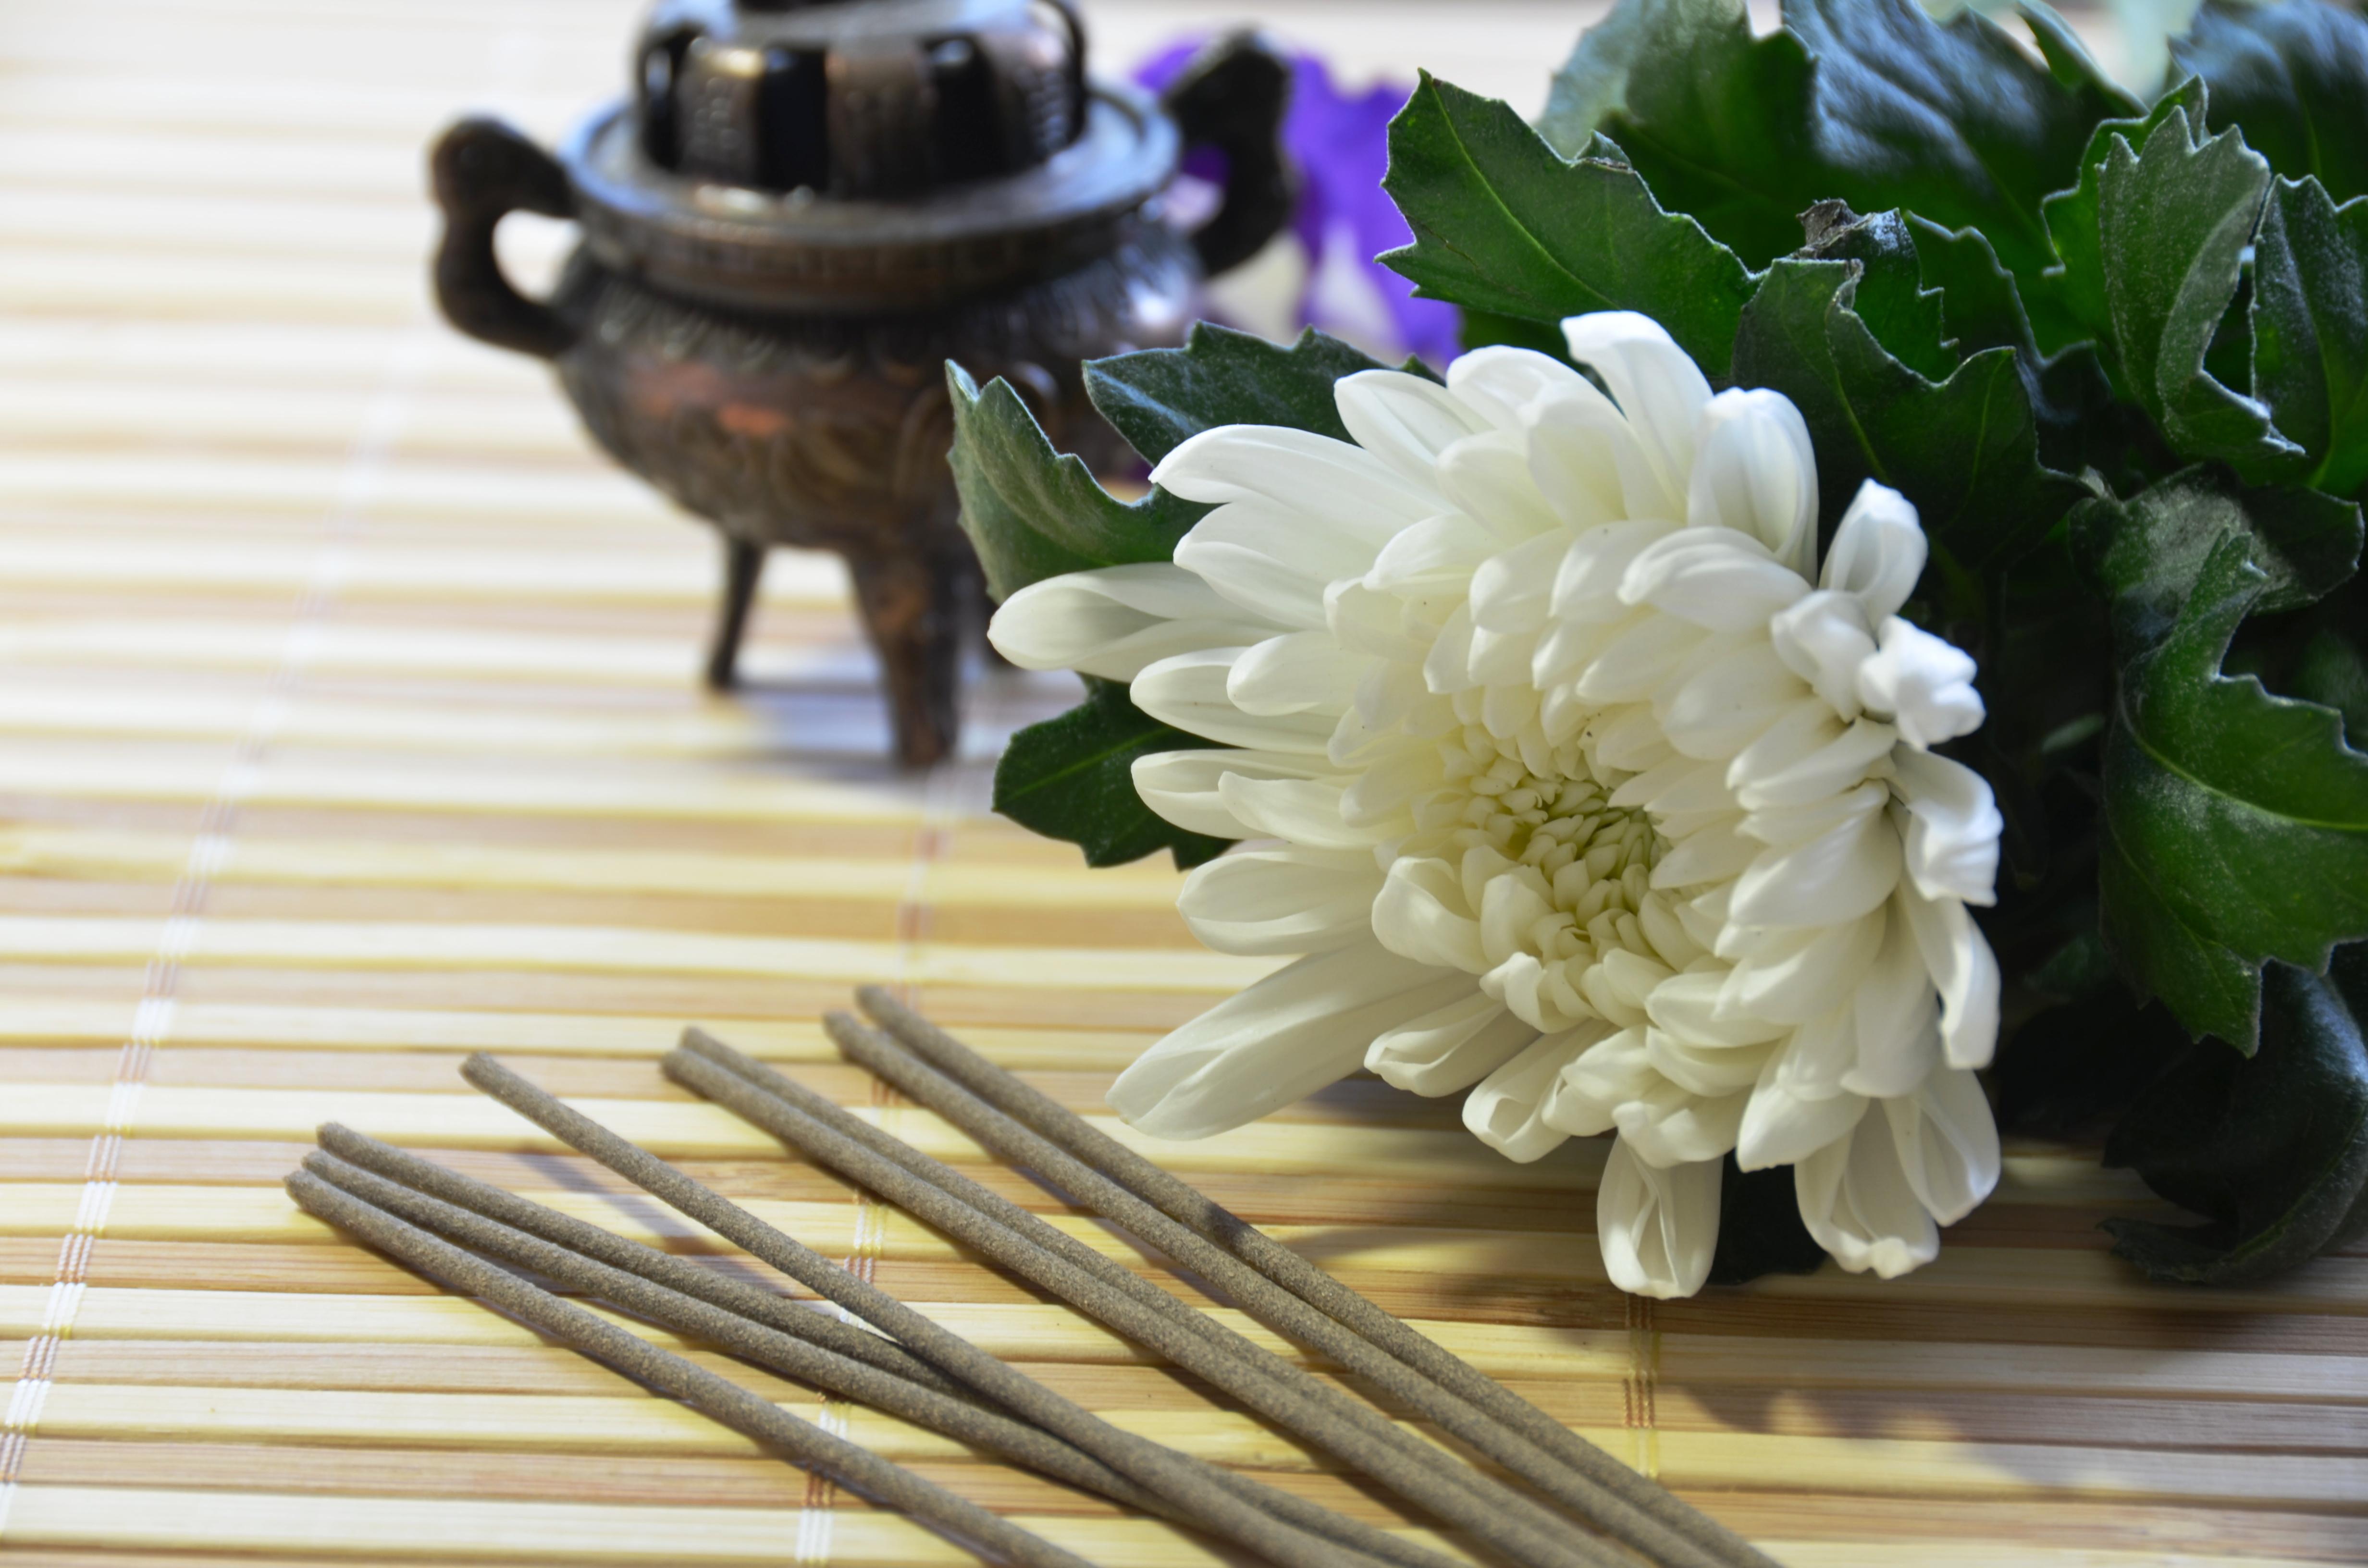 葬儀や法事にお供えする花の金額相場やマナーについて徹底解説のサムネイル画像